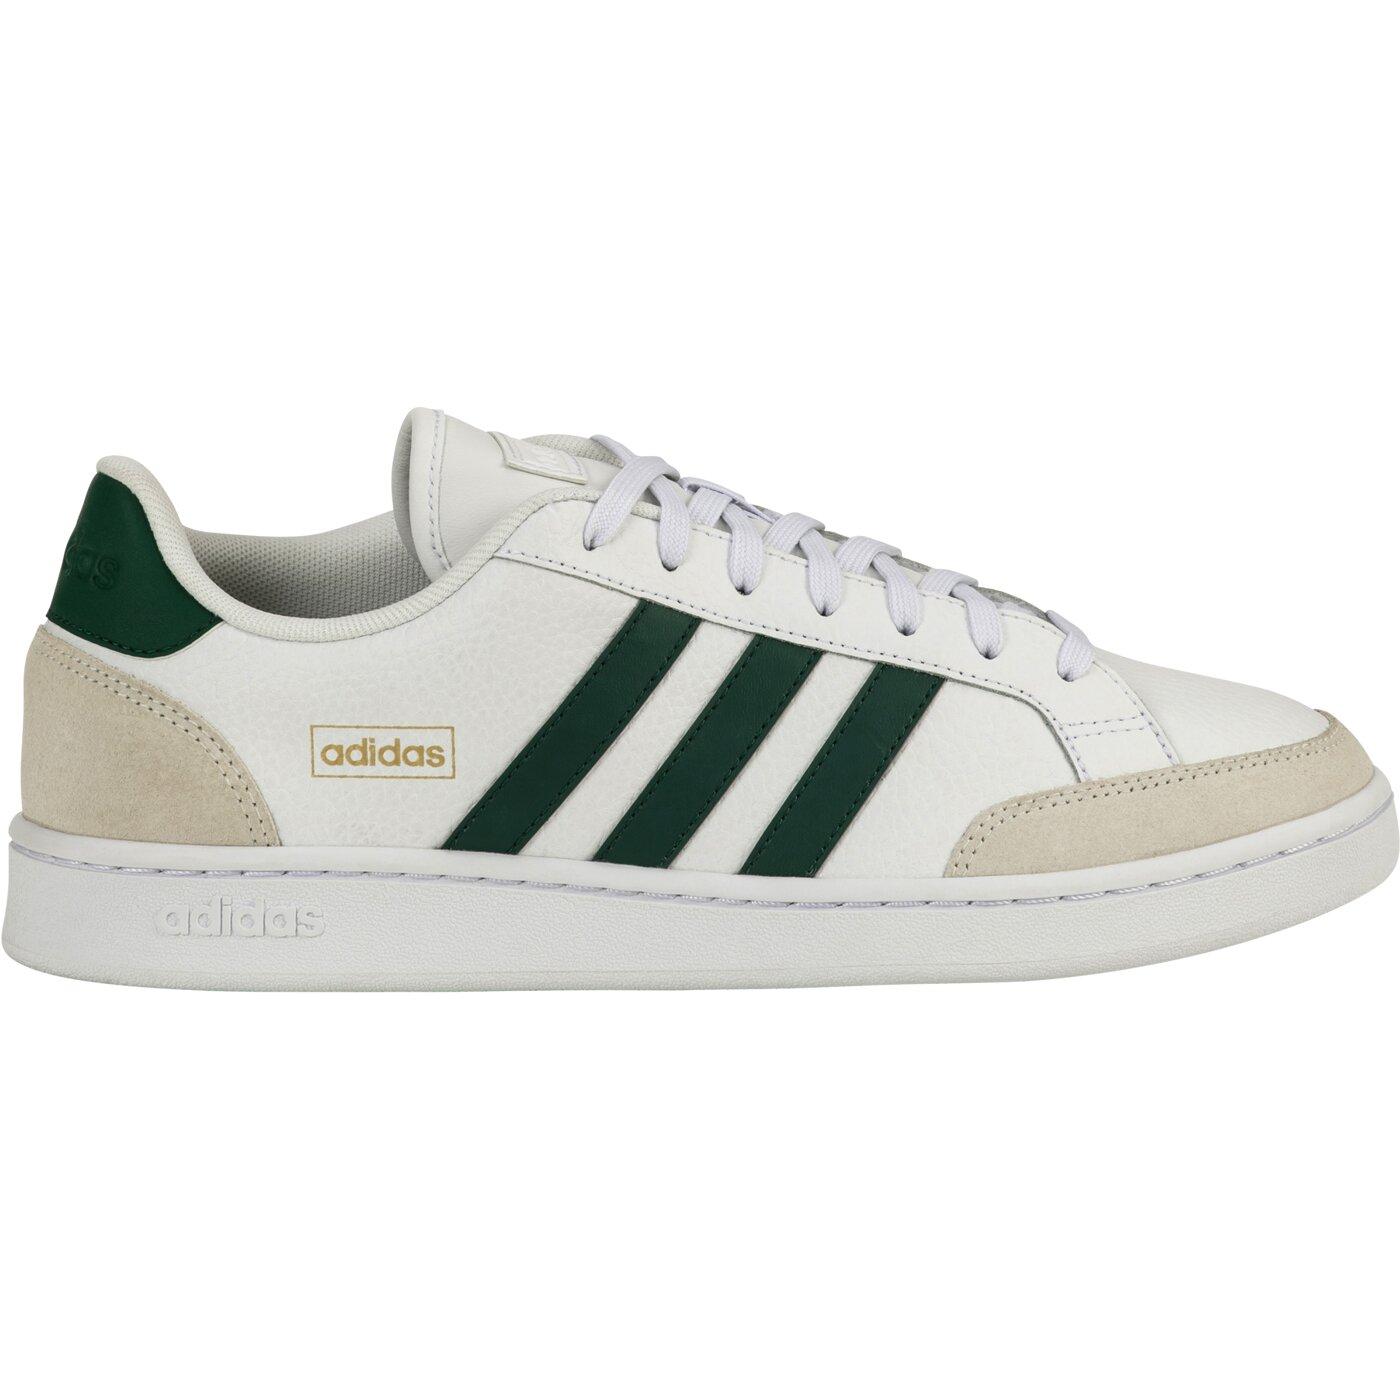 ADIDAS Chaussure GRAND COURT SE pour Homme - Blanc/Vert • CITABEL ...